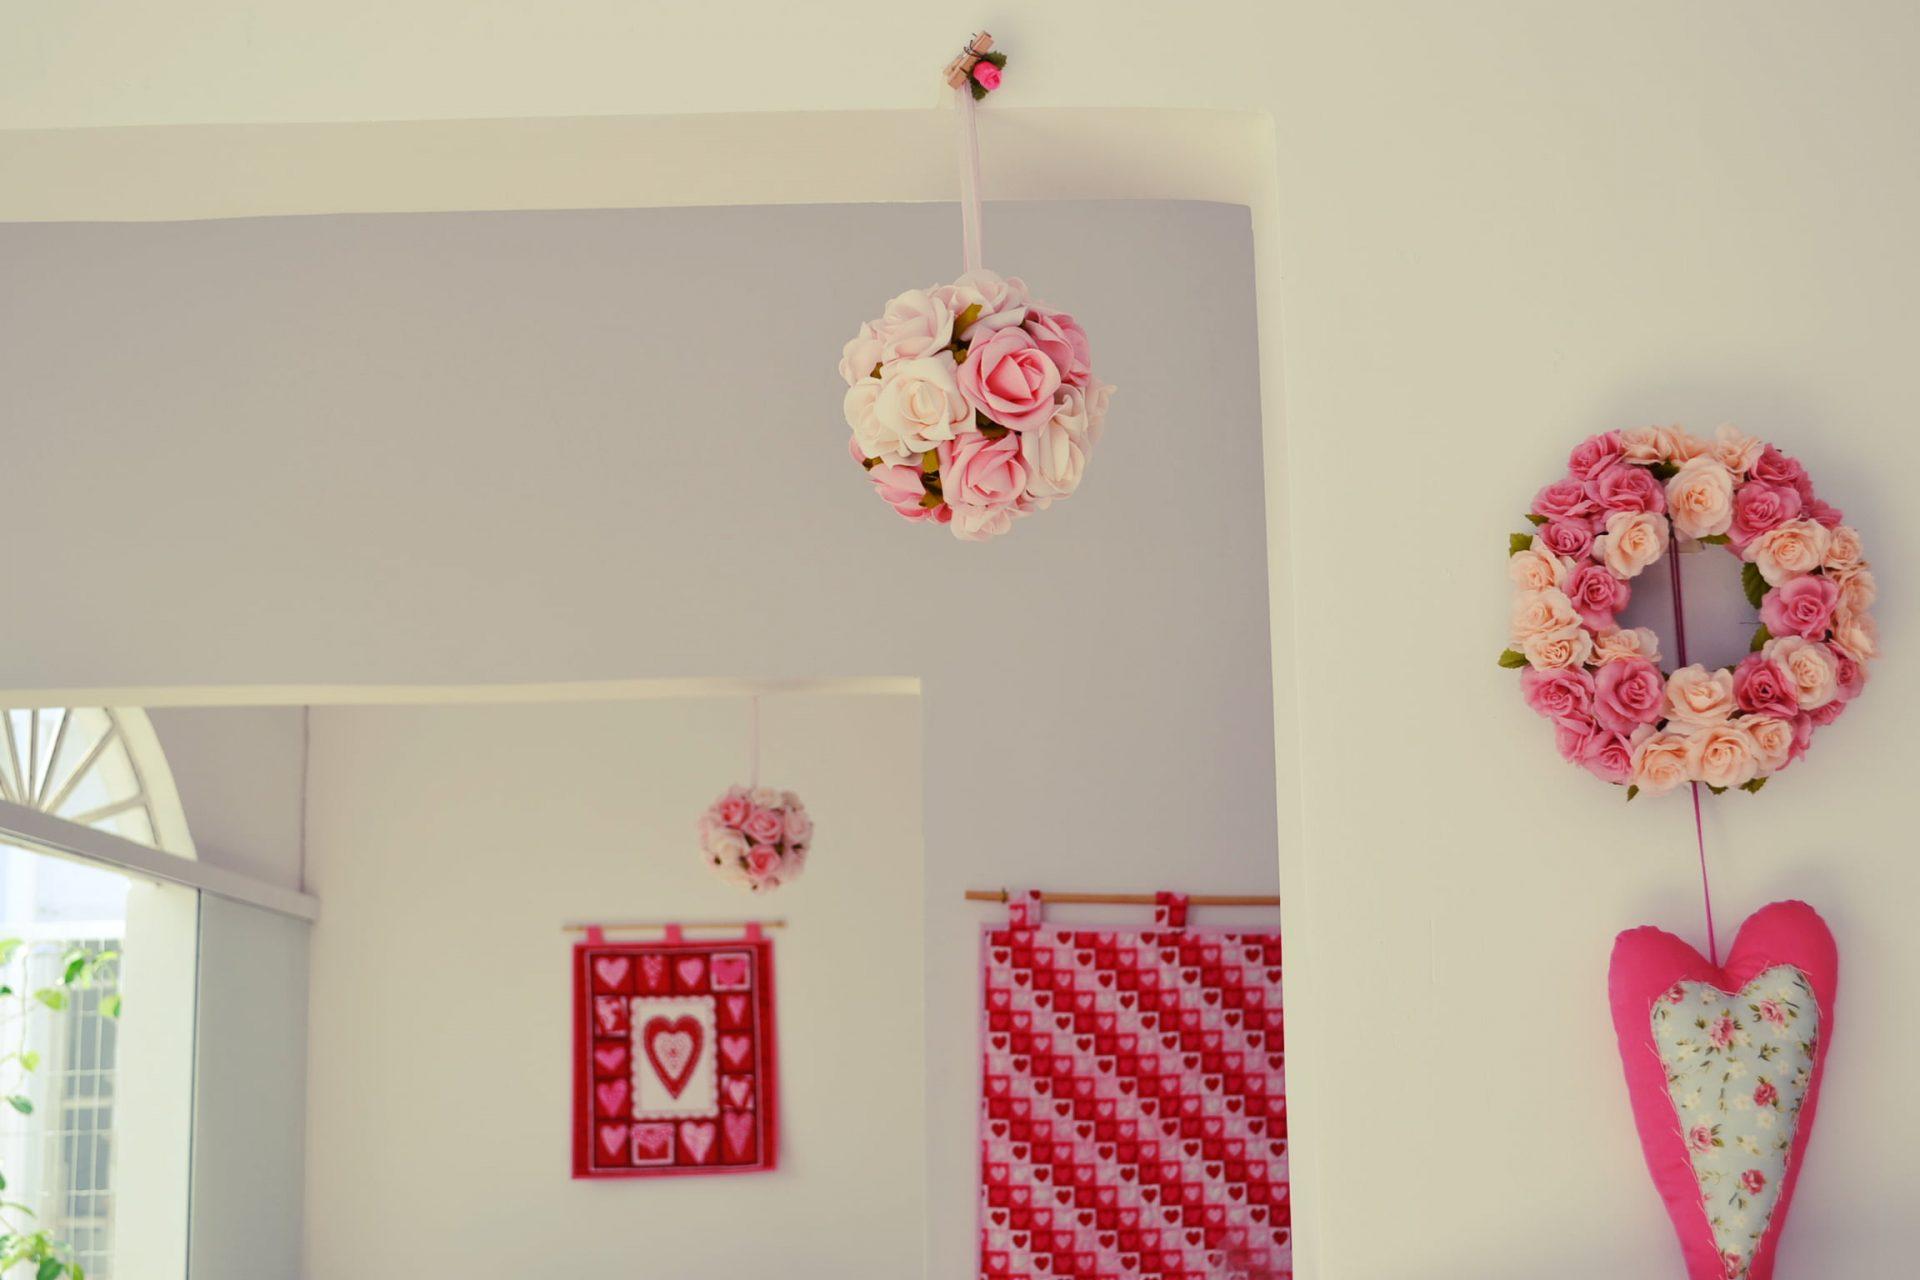 decoracao de interiores faceis de fazer : decoracao de interiores faceis de fazer:Decoração com reciclagem fácil de fazer – Mania de Decoração